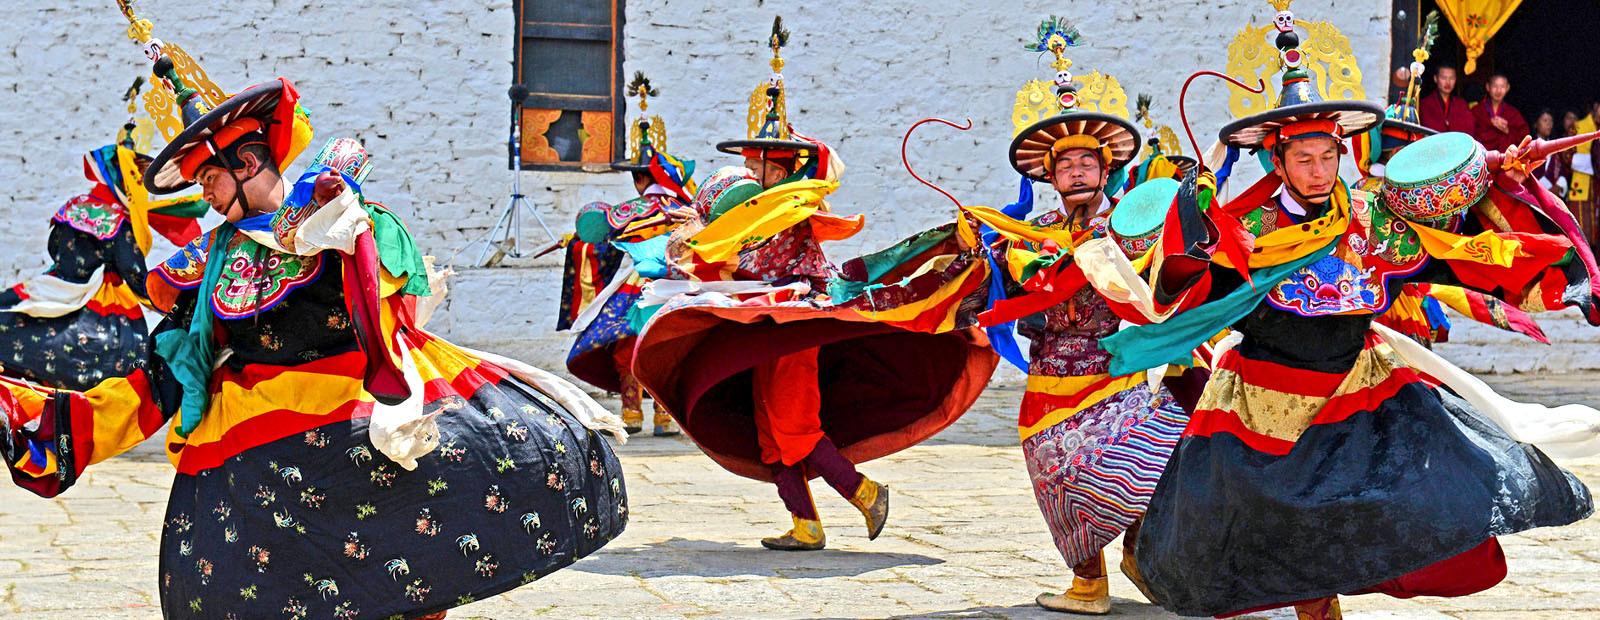 Image result for Festival Tradisional Bhutan